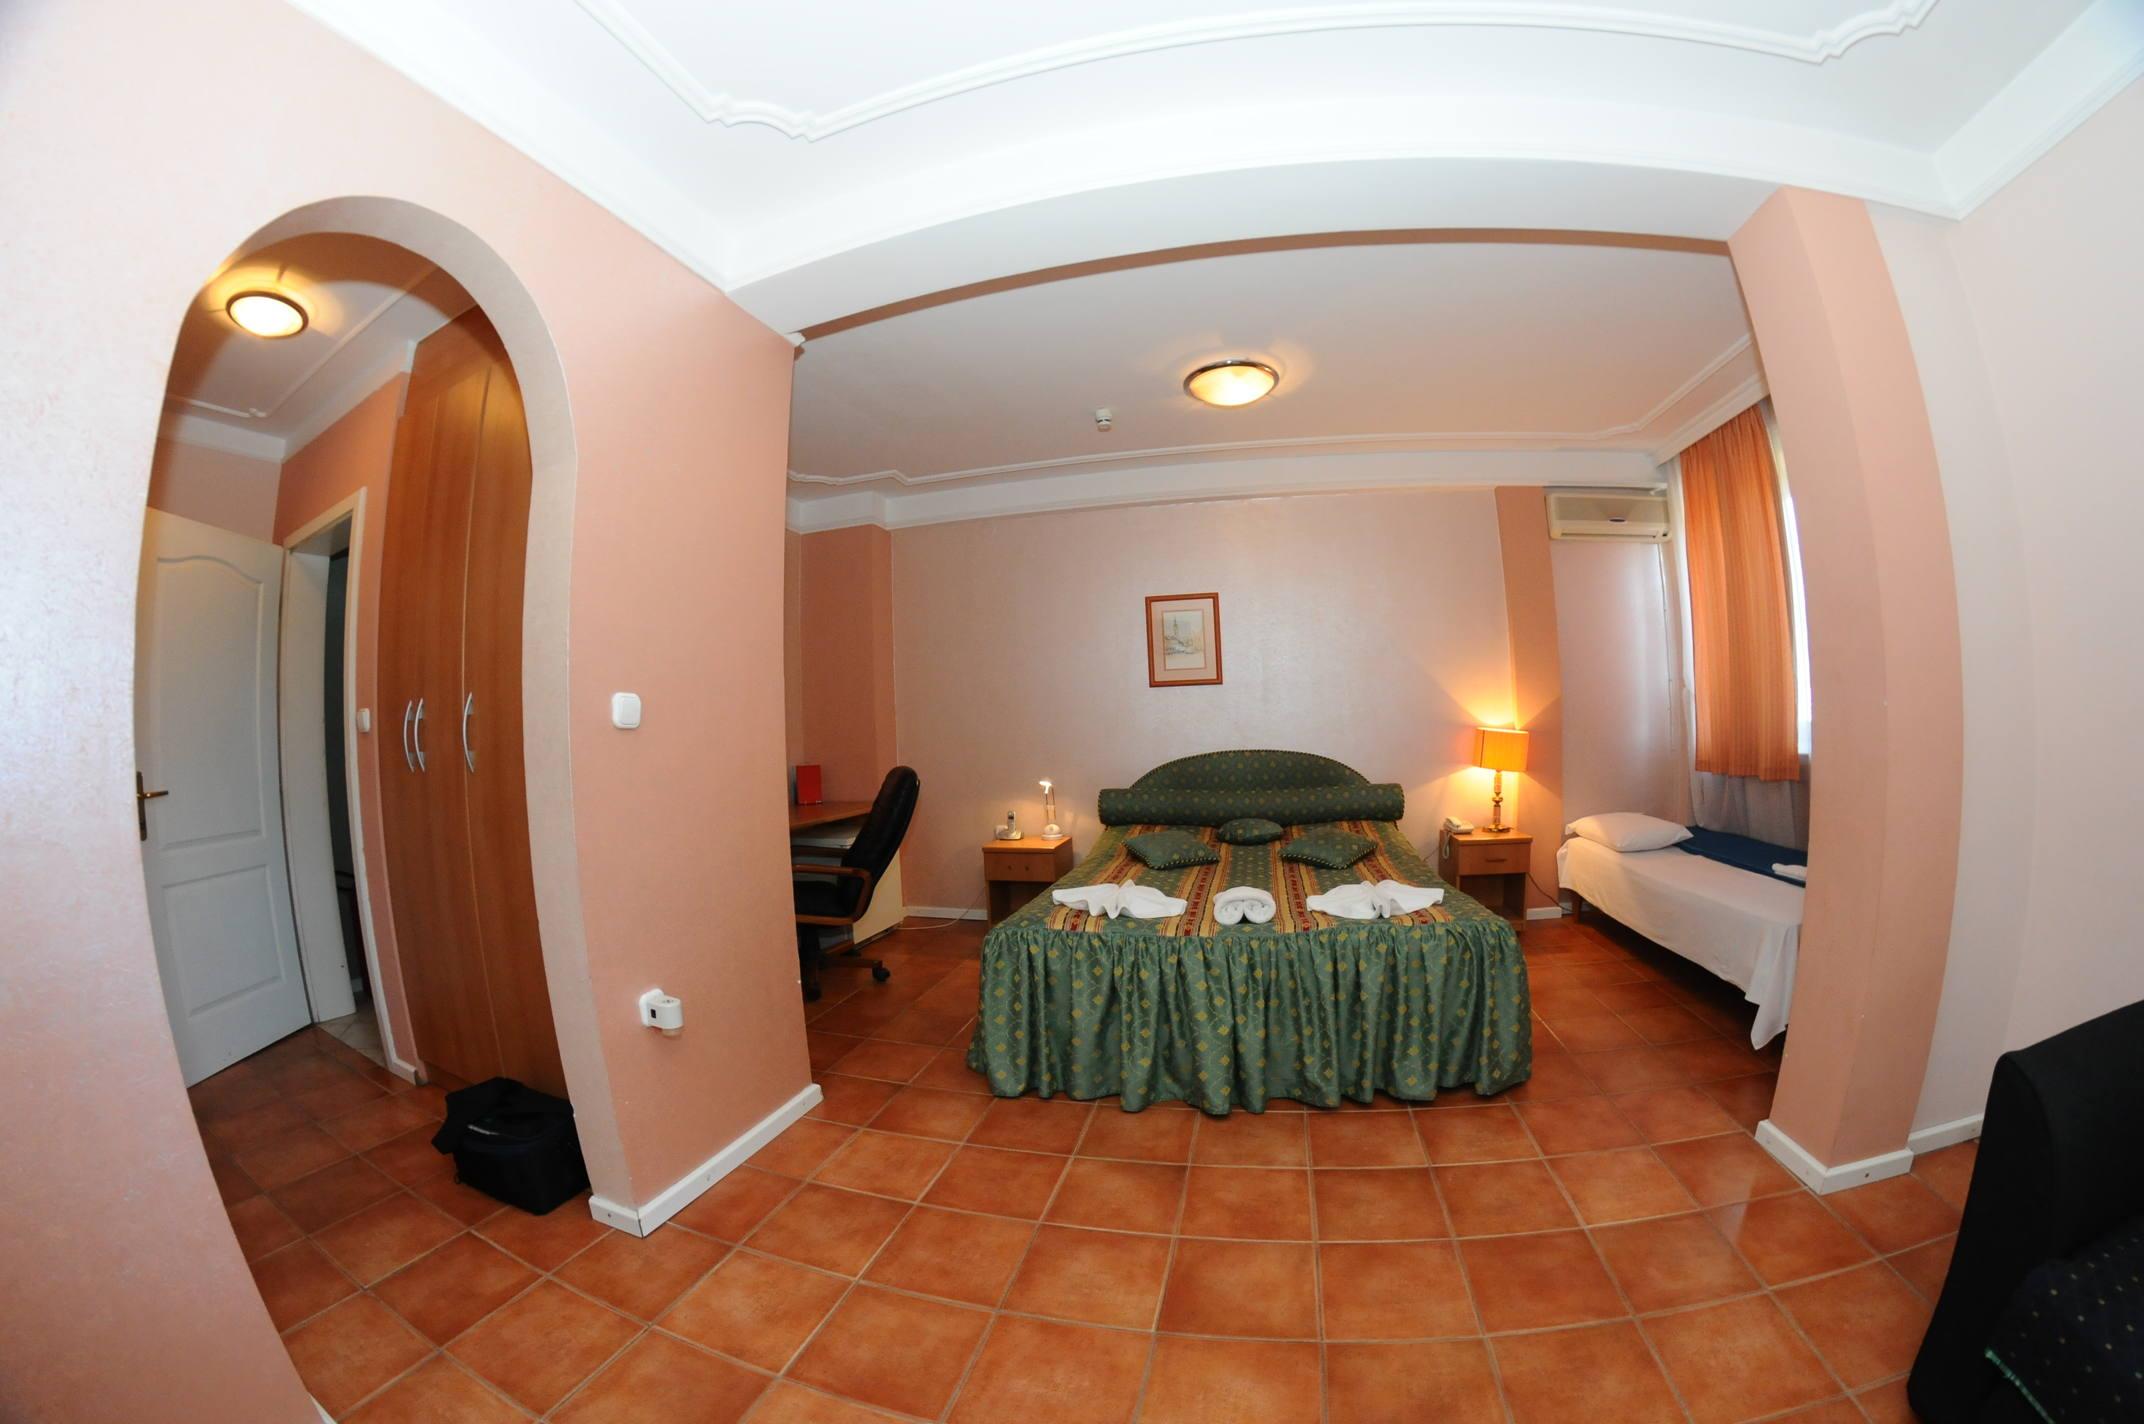 apartmani u novom sadu hotel rimski